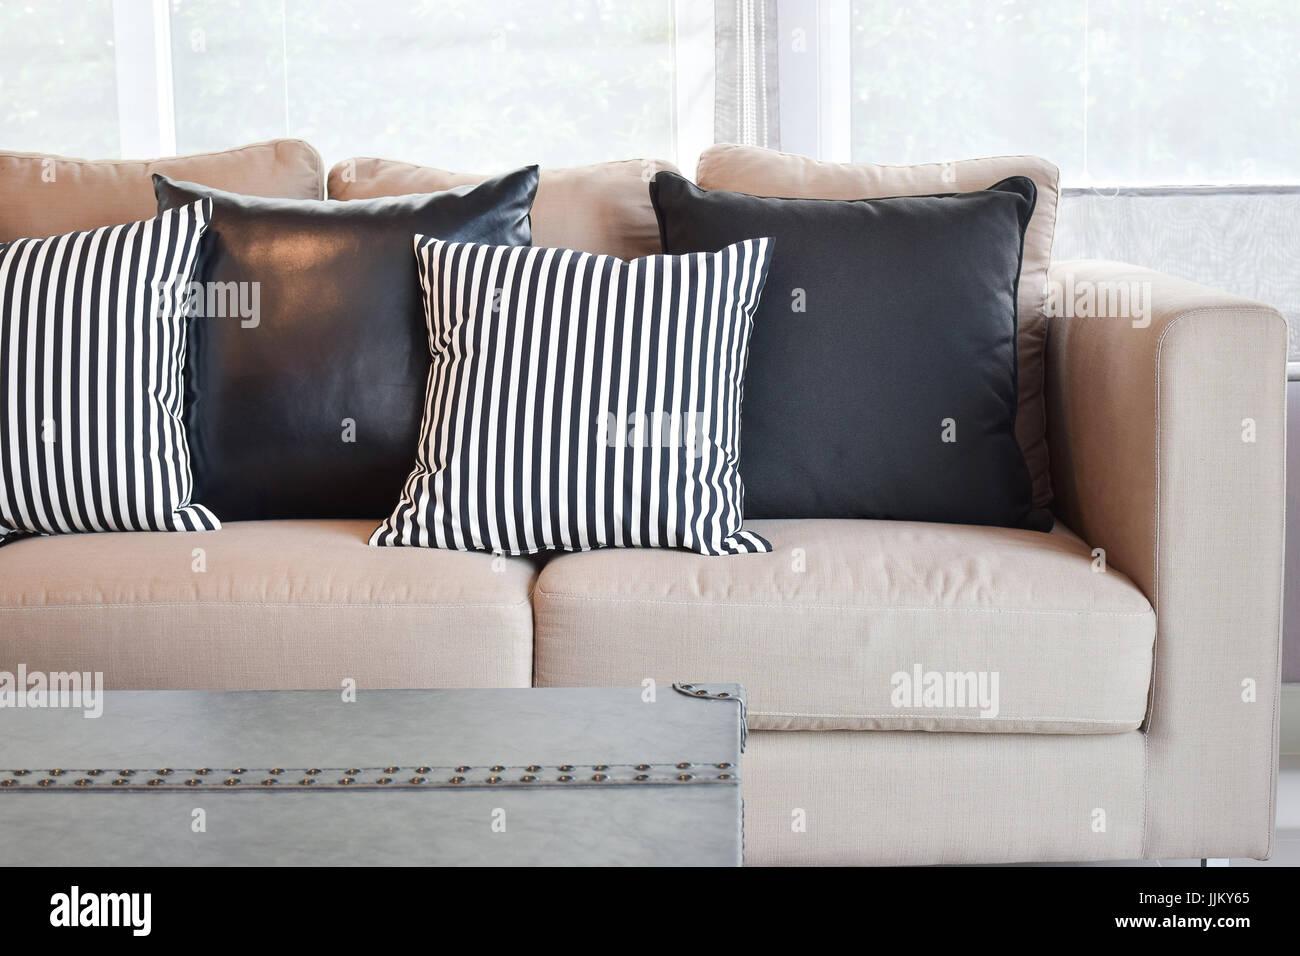 Gestreifte Und Schwarze Leder Kissen Samt Beige Sofa Im Wohnzimmer Im  Modernen Industriellen Stil